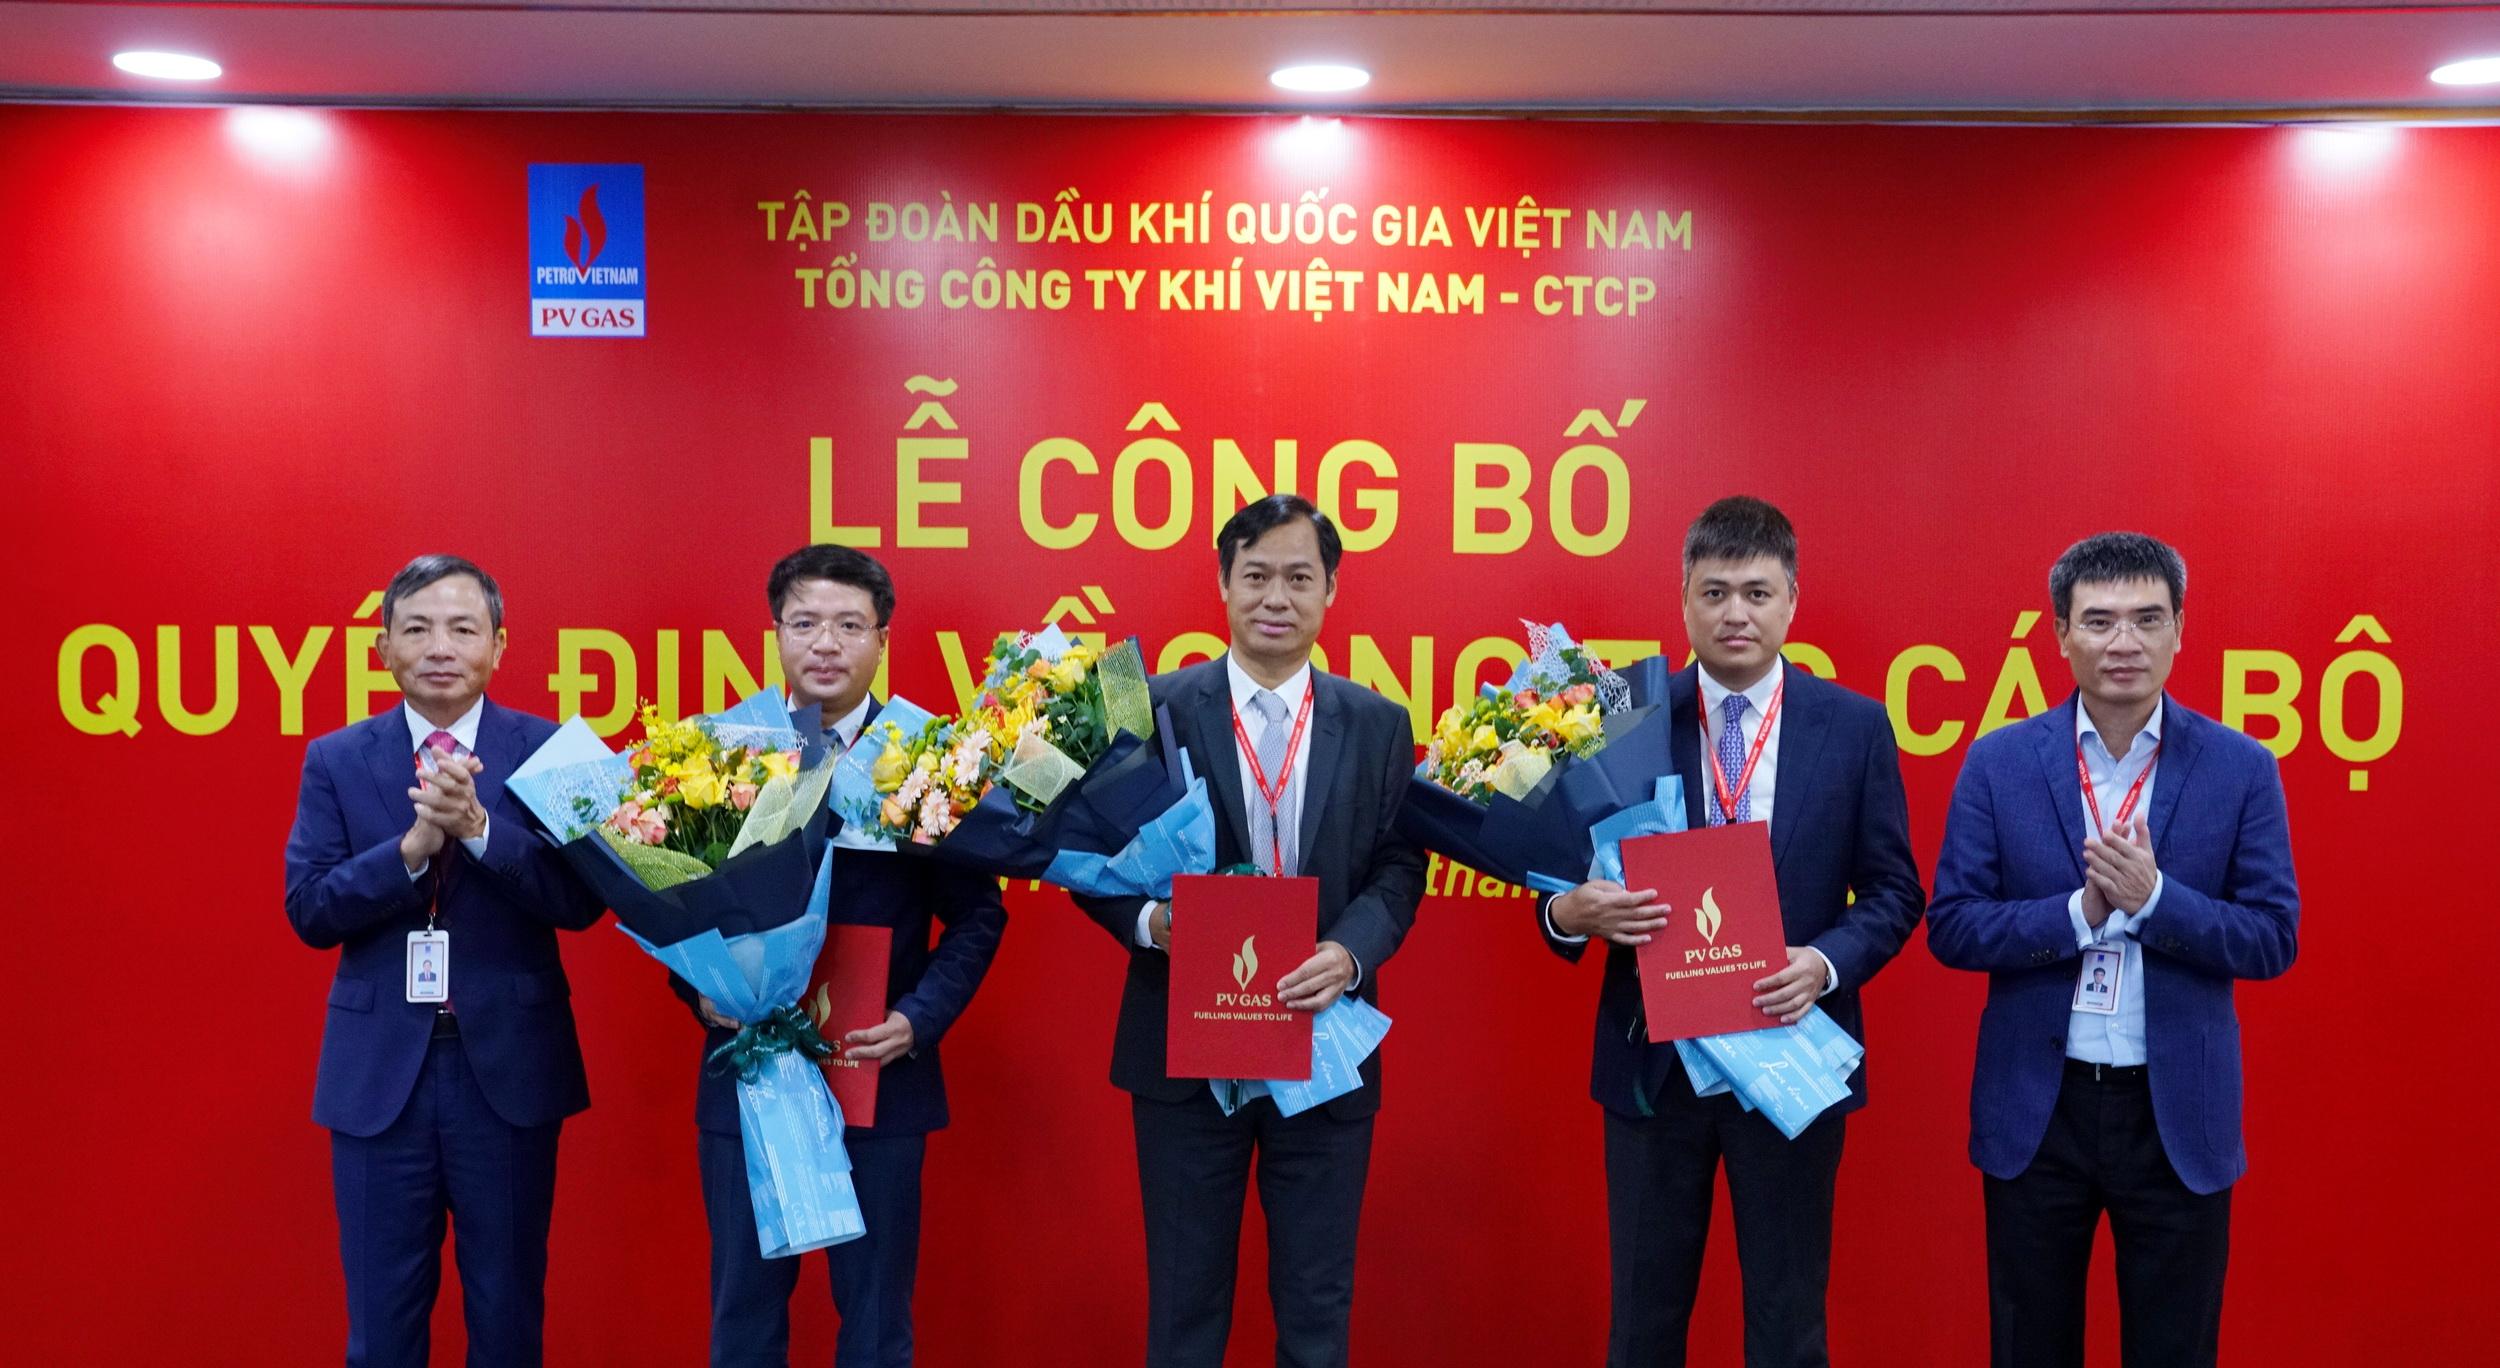 Trao quyết định của Công đoàn Dầu khí Việt Nam công nhận chức danh Chủ tịch Công đoàn Tổng công ty Khí Việt Nam, nhiệm kỳ 2017-2022 đối với đồng chí Trần Xuân Thành (đứng giữa)